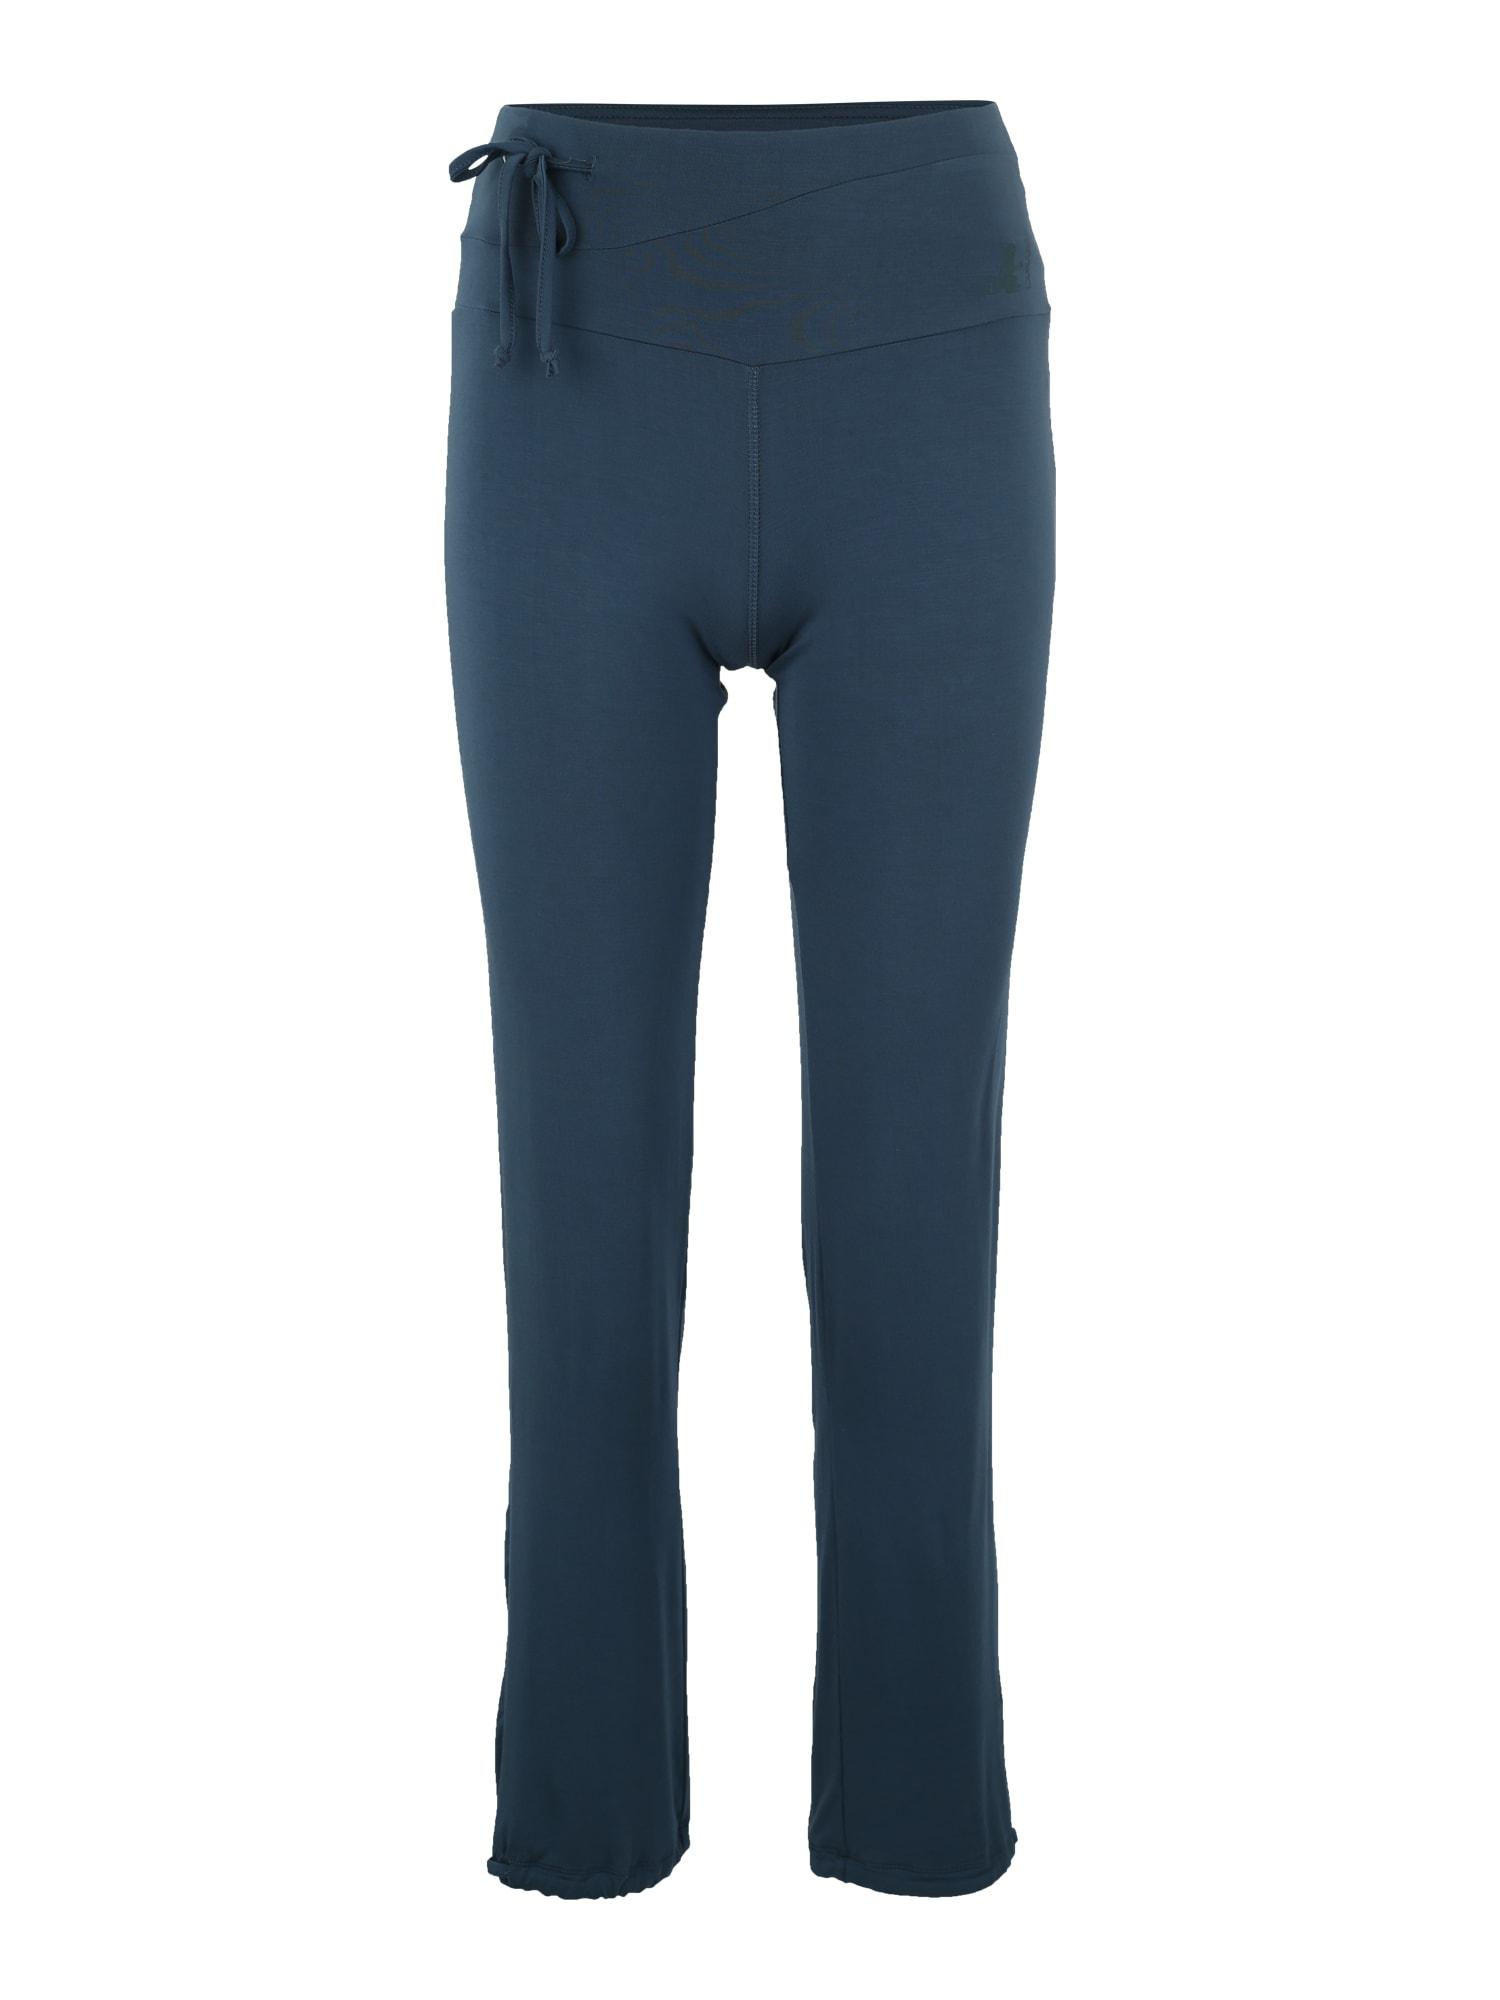 Sportovní kalhoty Flow petrolejová CURARE Yogawear